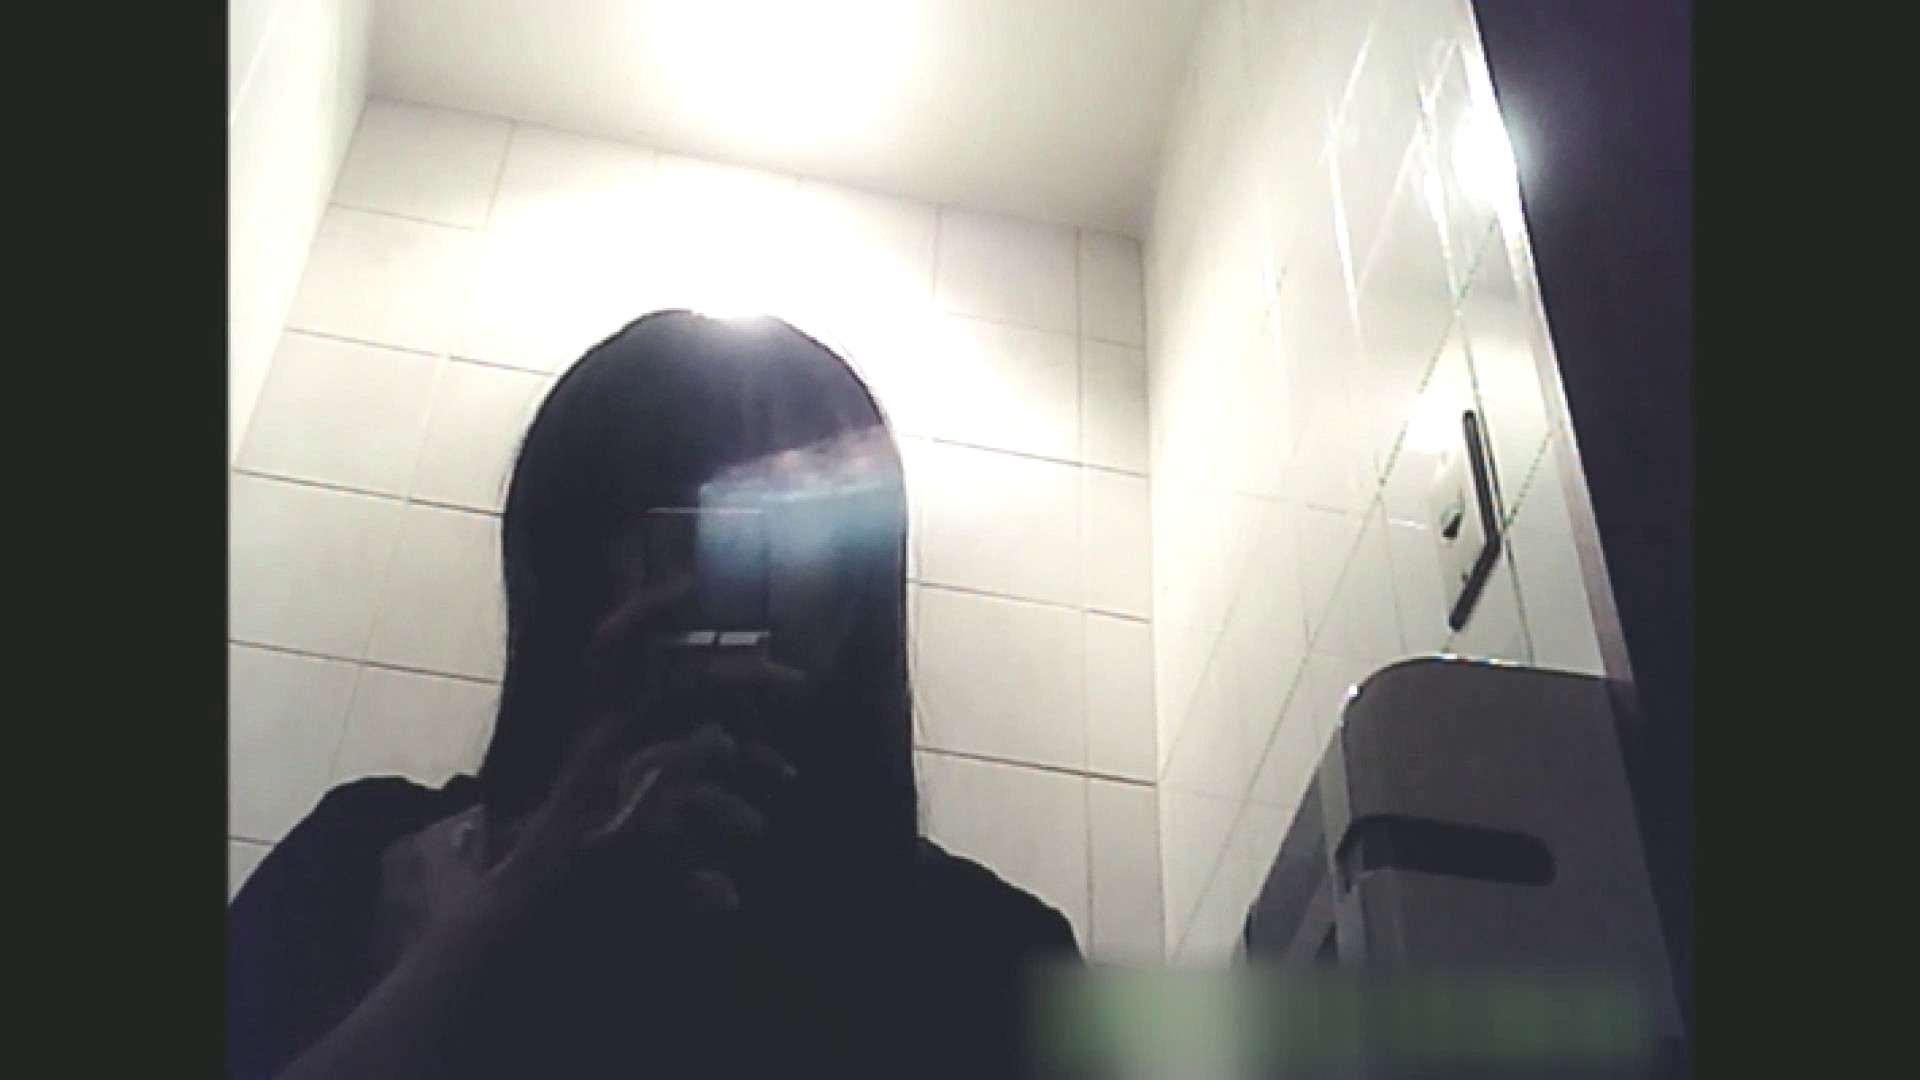 実録!!綺麗なお姉さんのトイレ事情・・・。vol.4 美女OL | 美女  47連発 13